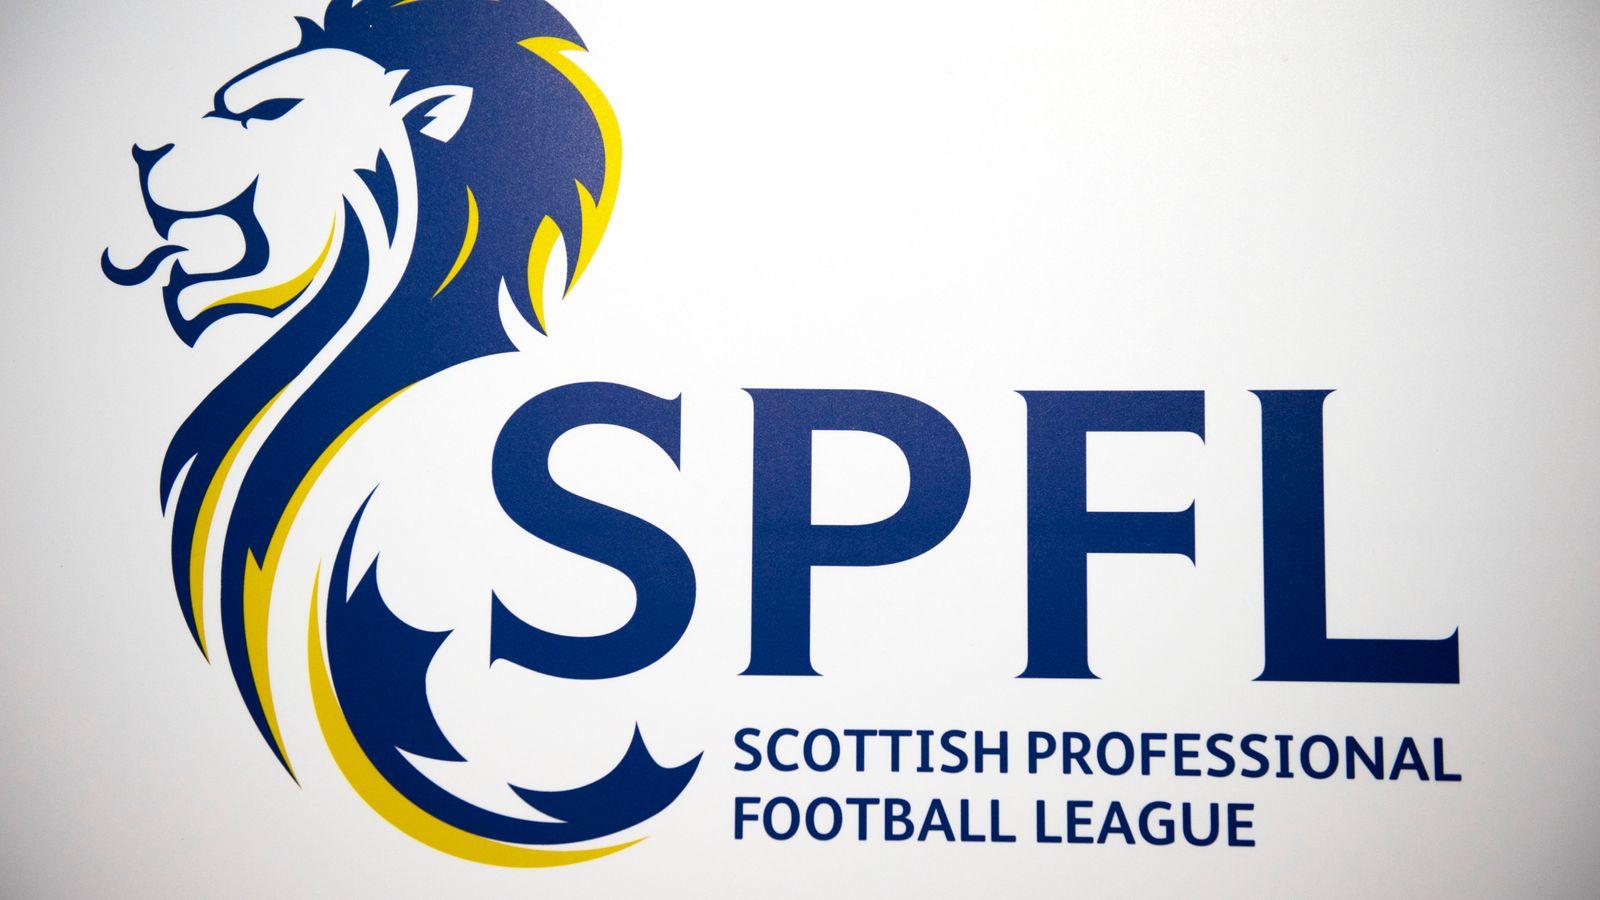 scottish highland league betting